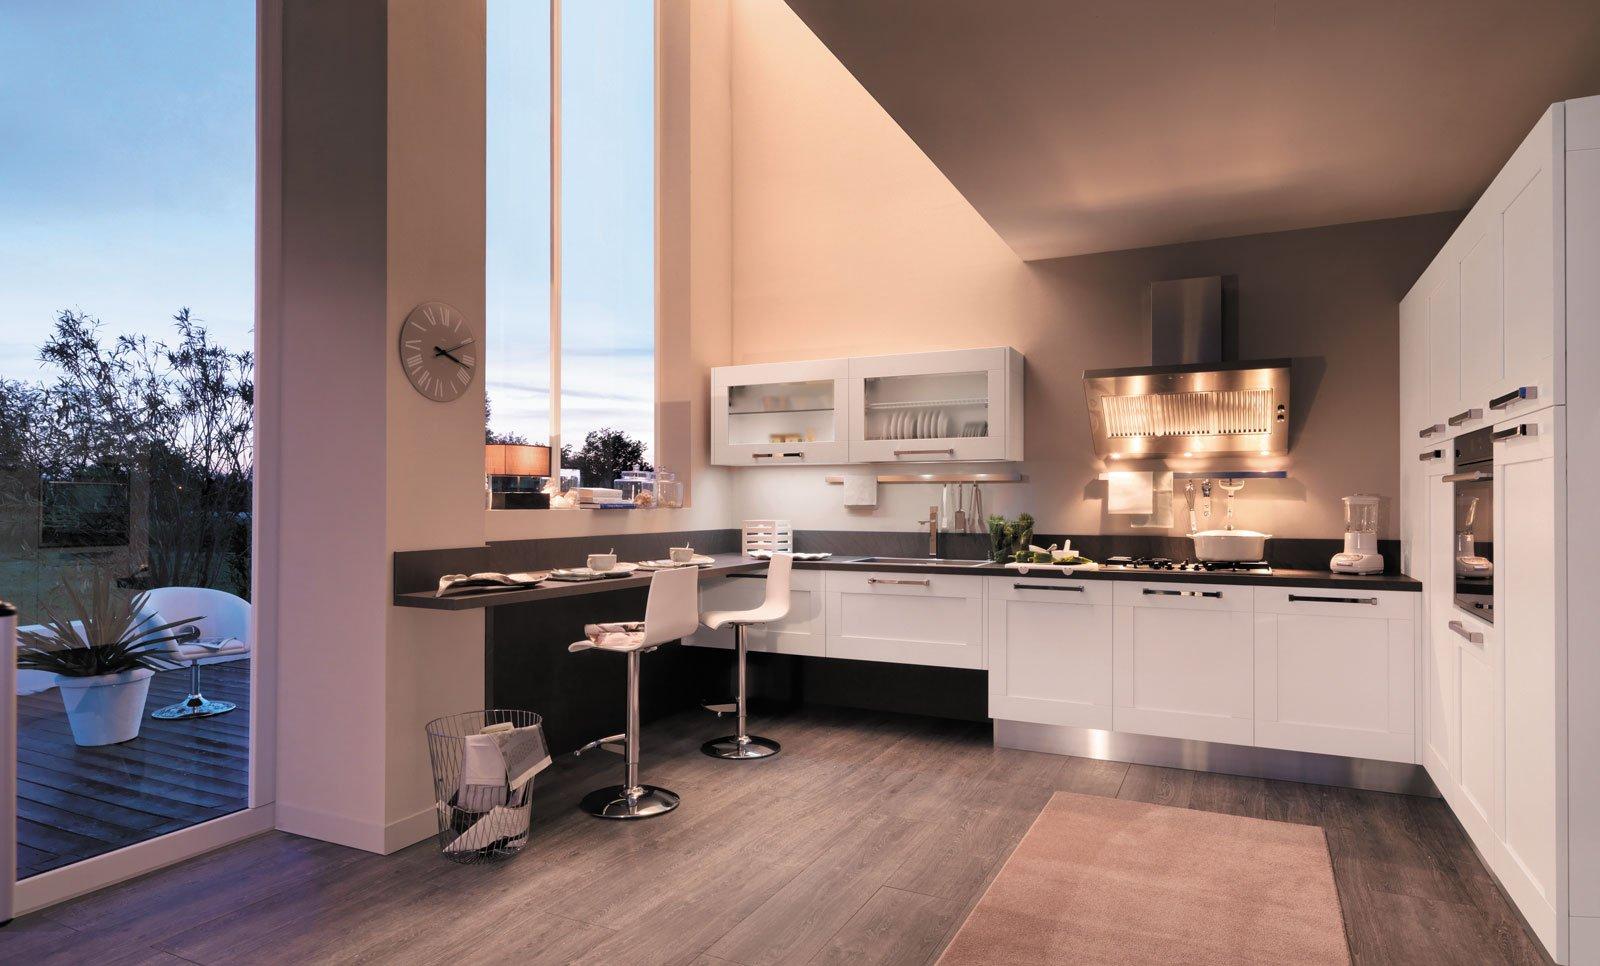 Cucina Bianca Il Fascino Eterno Della Luminosità Cose Di Casa